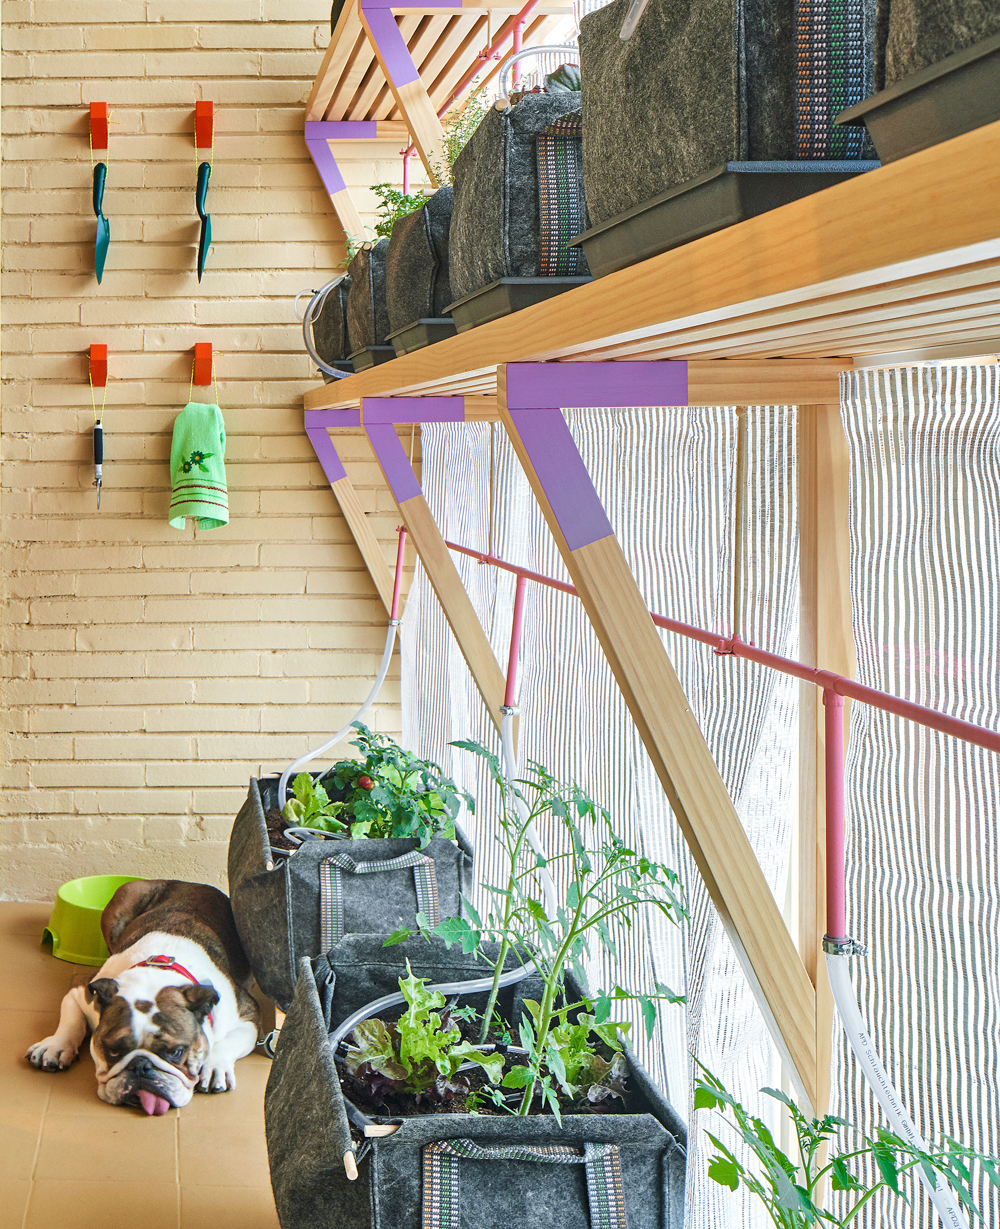 Home vegetable garden